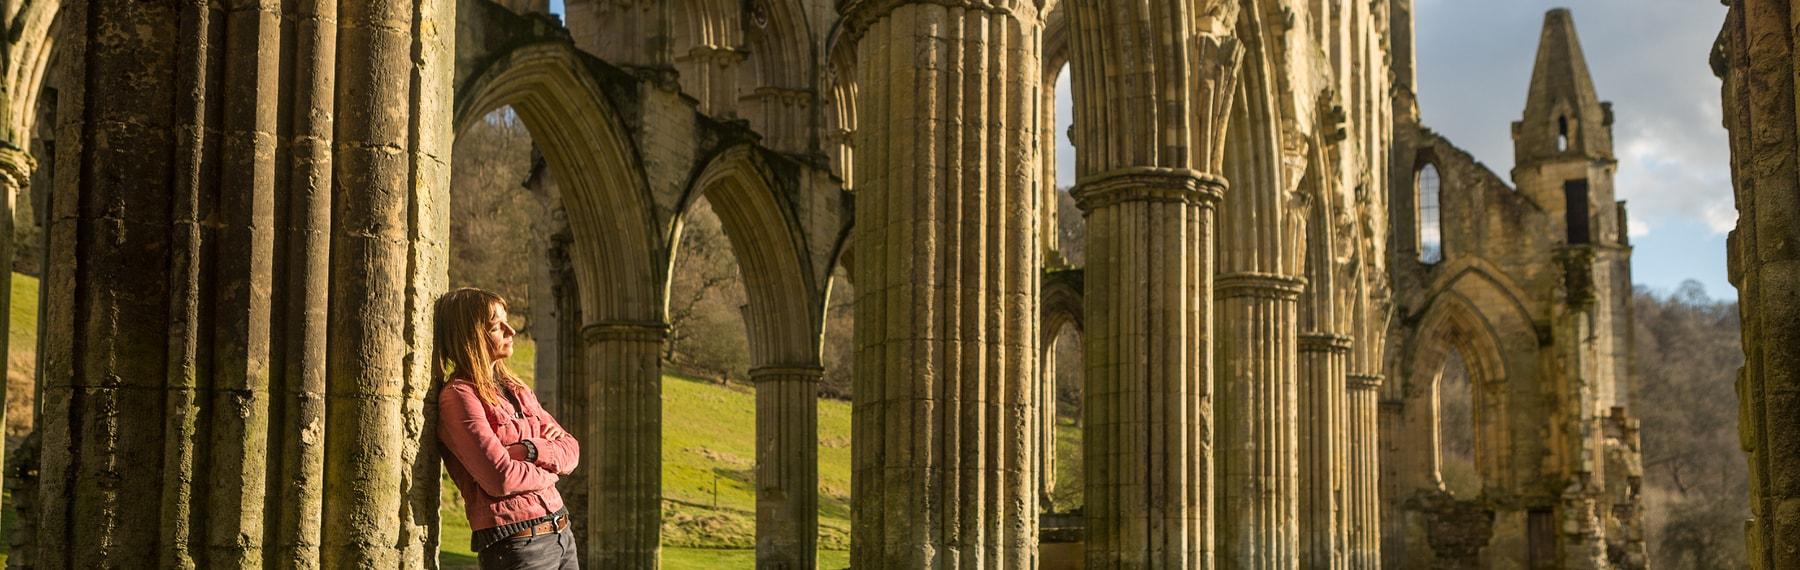 Reivaulx Abbey